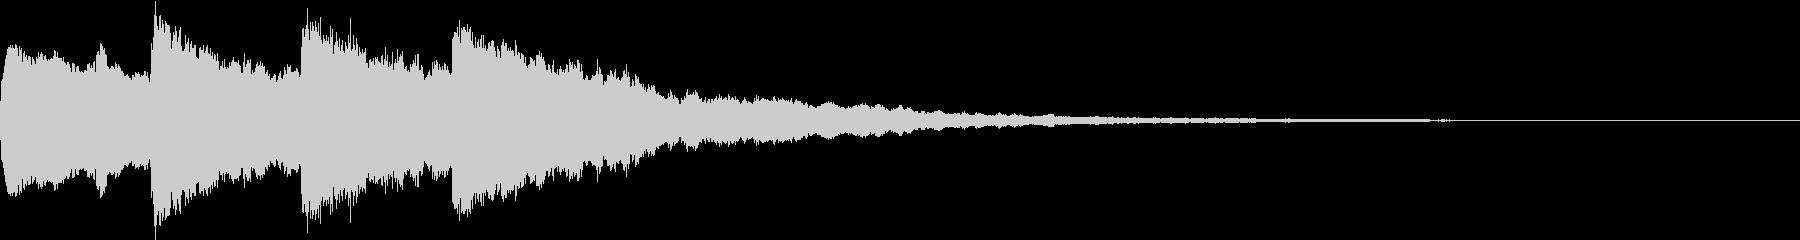 シンプル アナウンス 案内 放送 5の未再生の波形